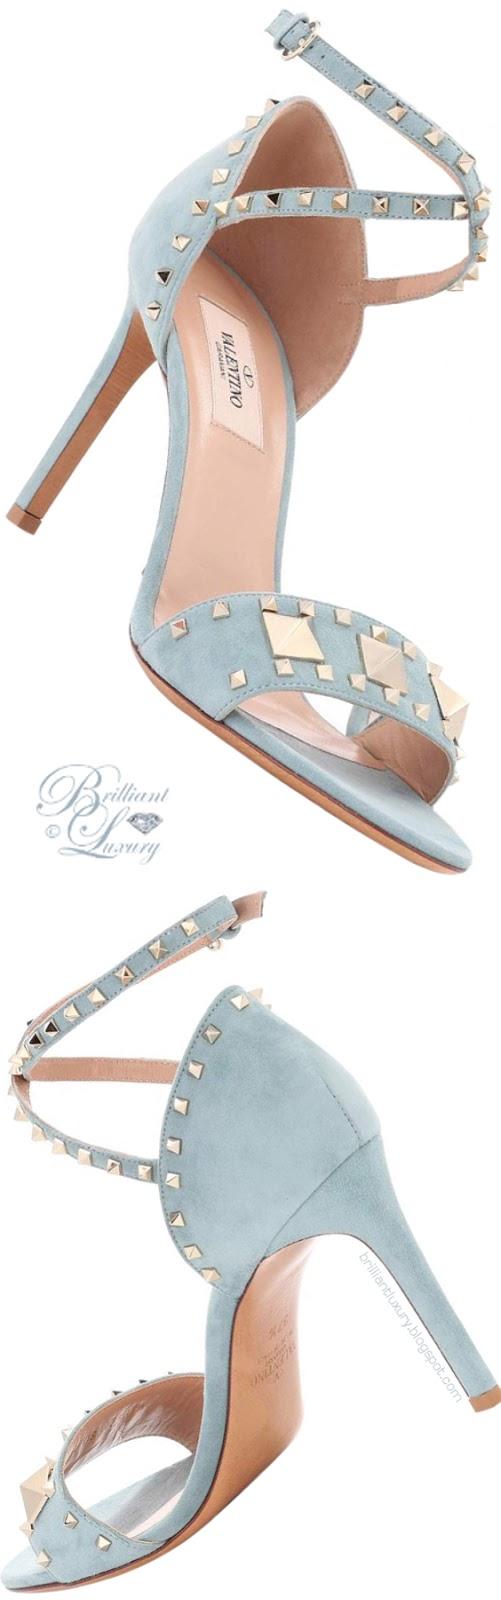 Brilliant Luxury ♦ Valentino Garavani Rockstud blue suede sandals